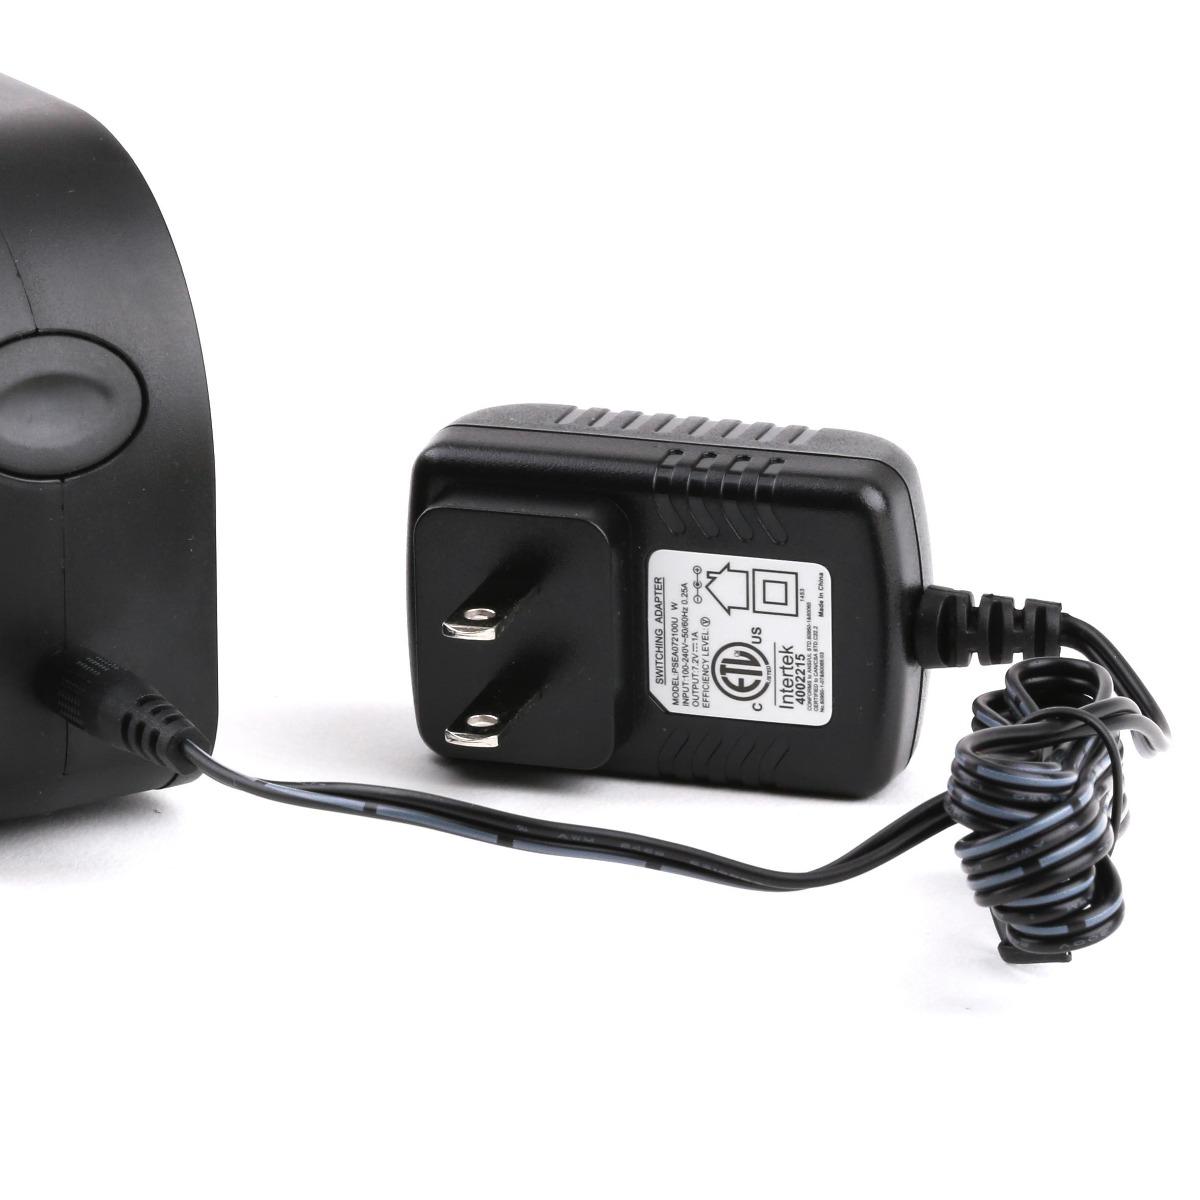 Grapadora automatica electrica oficina documentos - Grapadora electrica precio ...